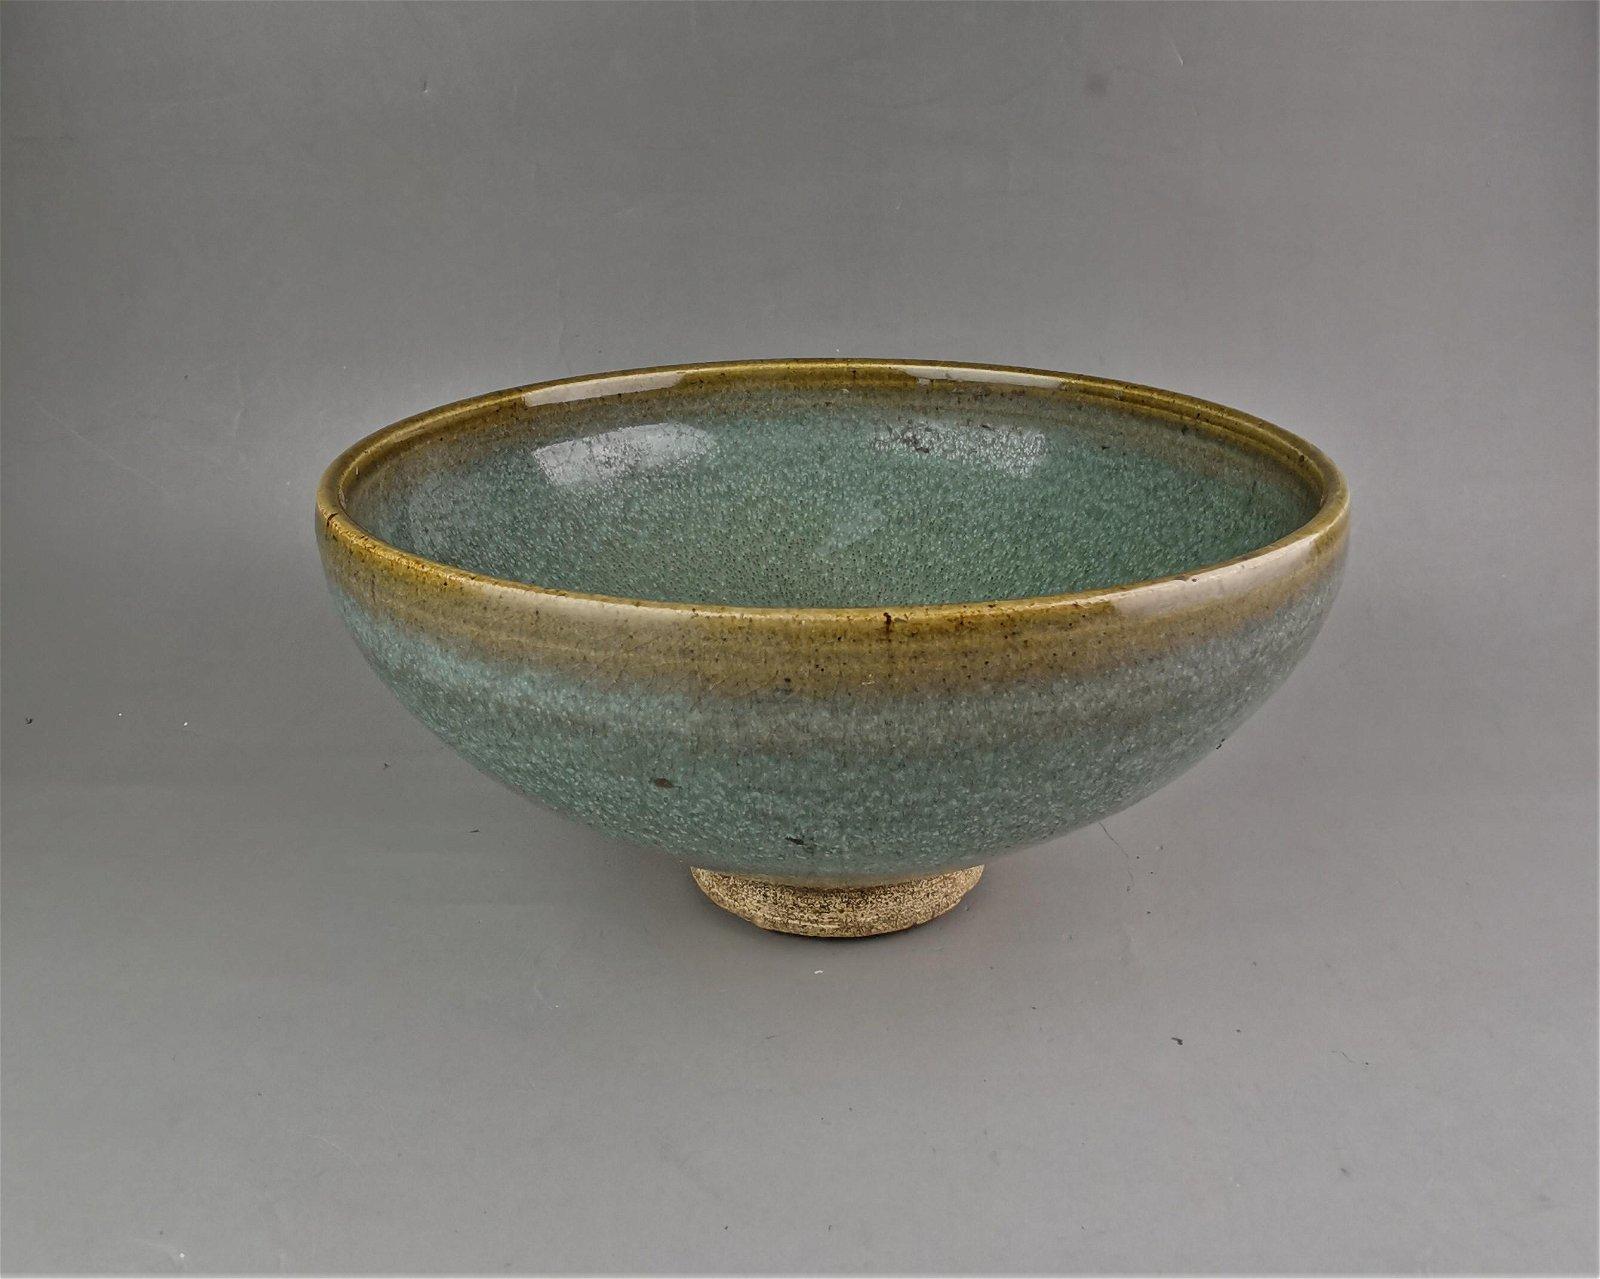 A Chinese Yuan style Jun-yao celadon porcelain bowl